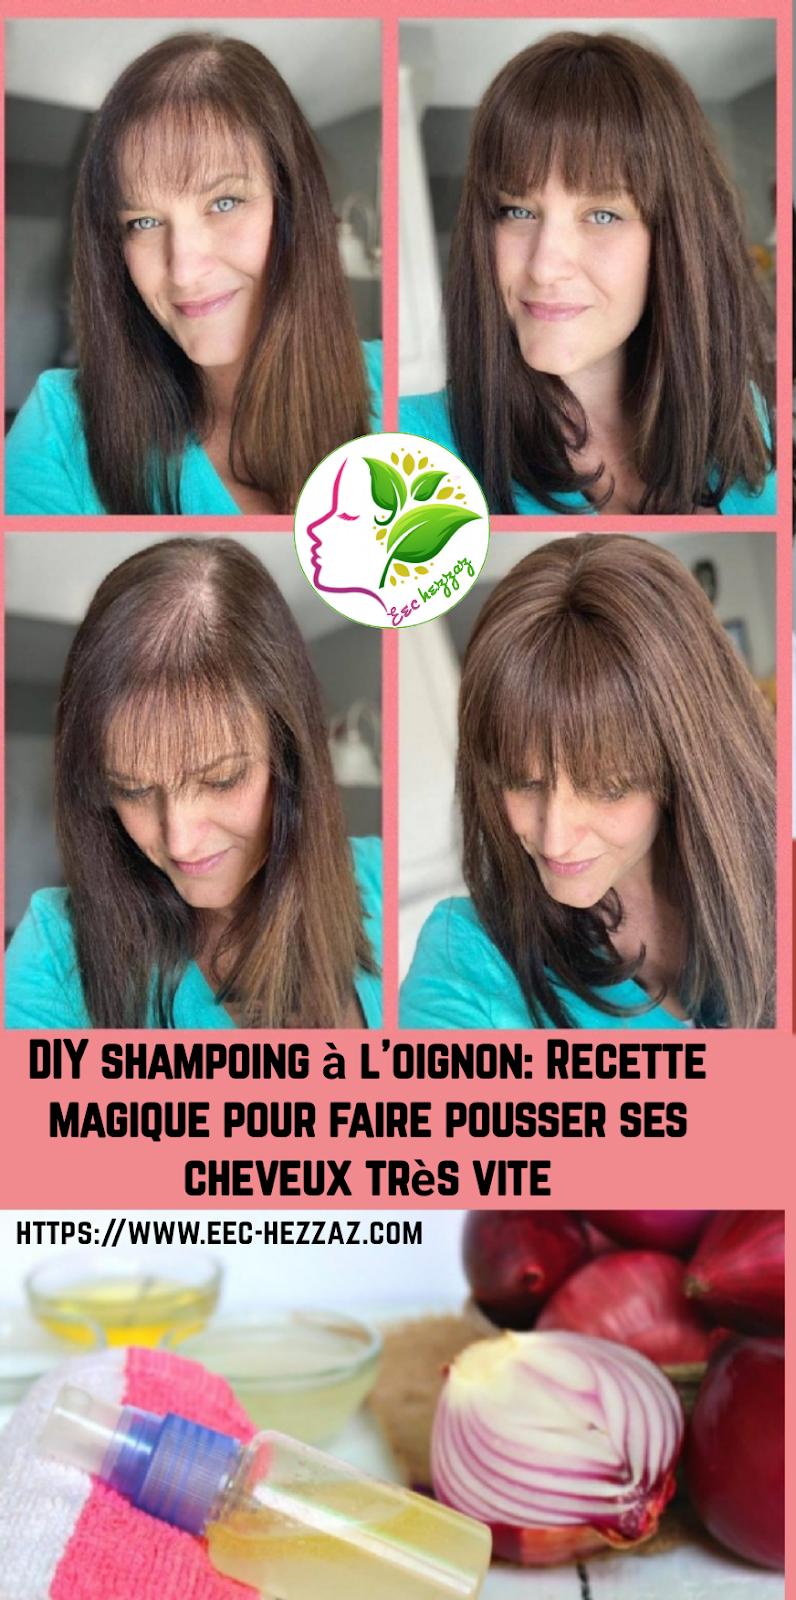 DIY shampoing à l'oignon: Recette magique pour faire pousser ses cheveux très vite